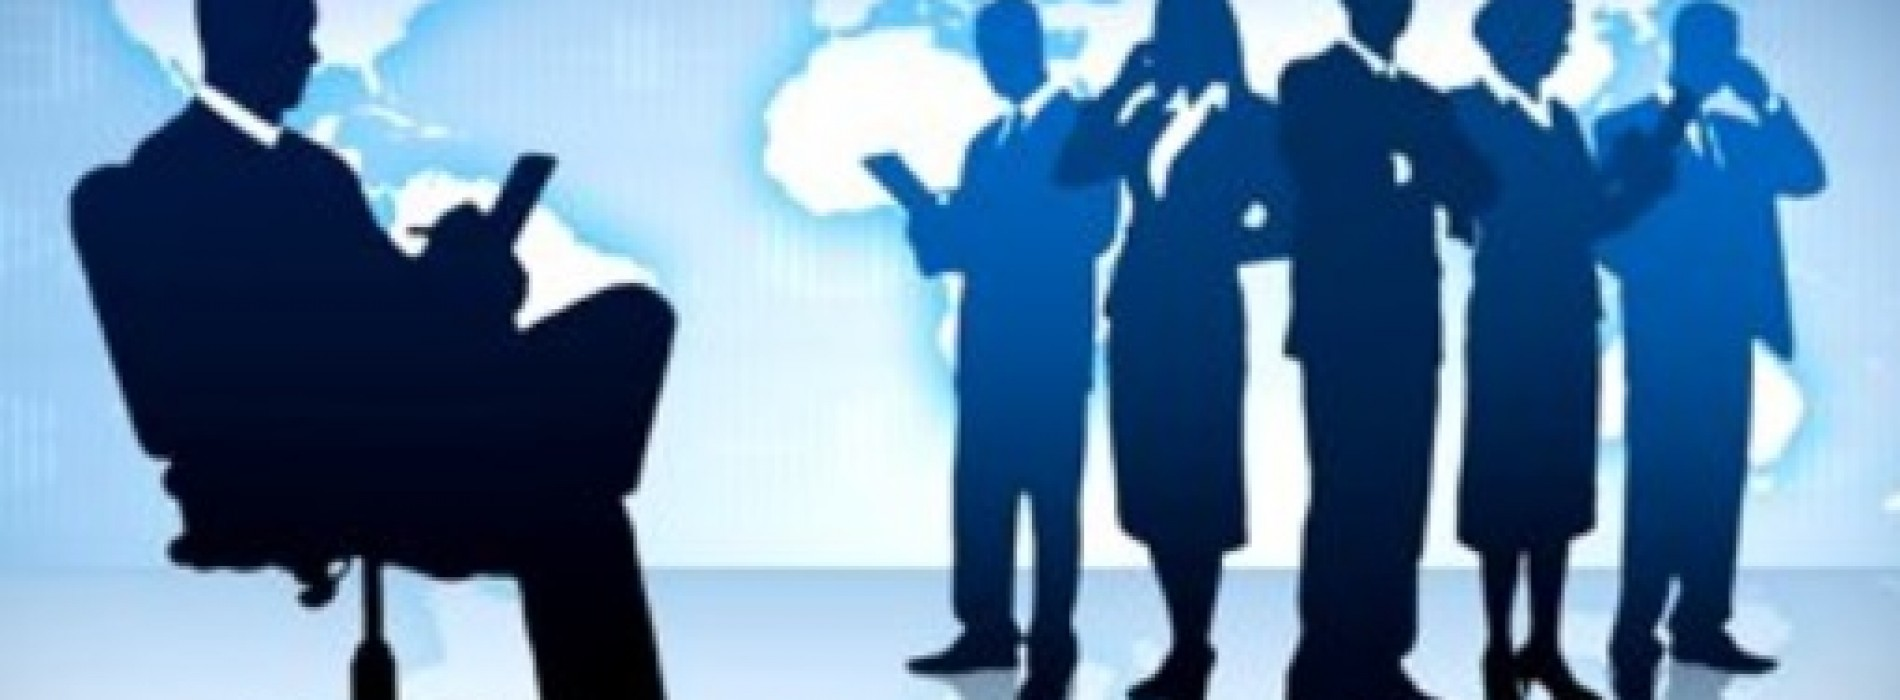 Pracodawca ma obowiązek zaspokajania socjalnych potrzeb pracownika